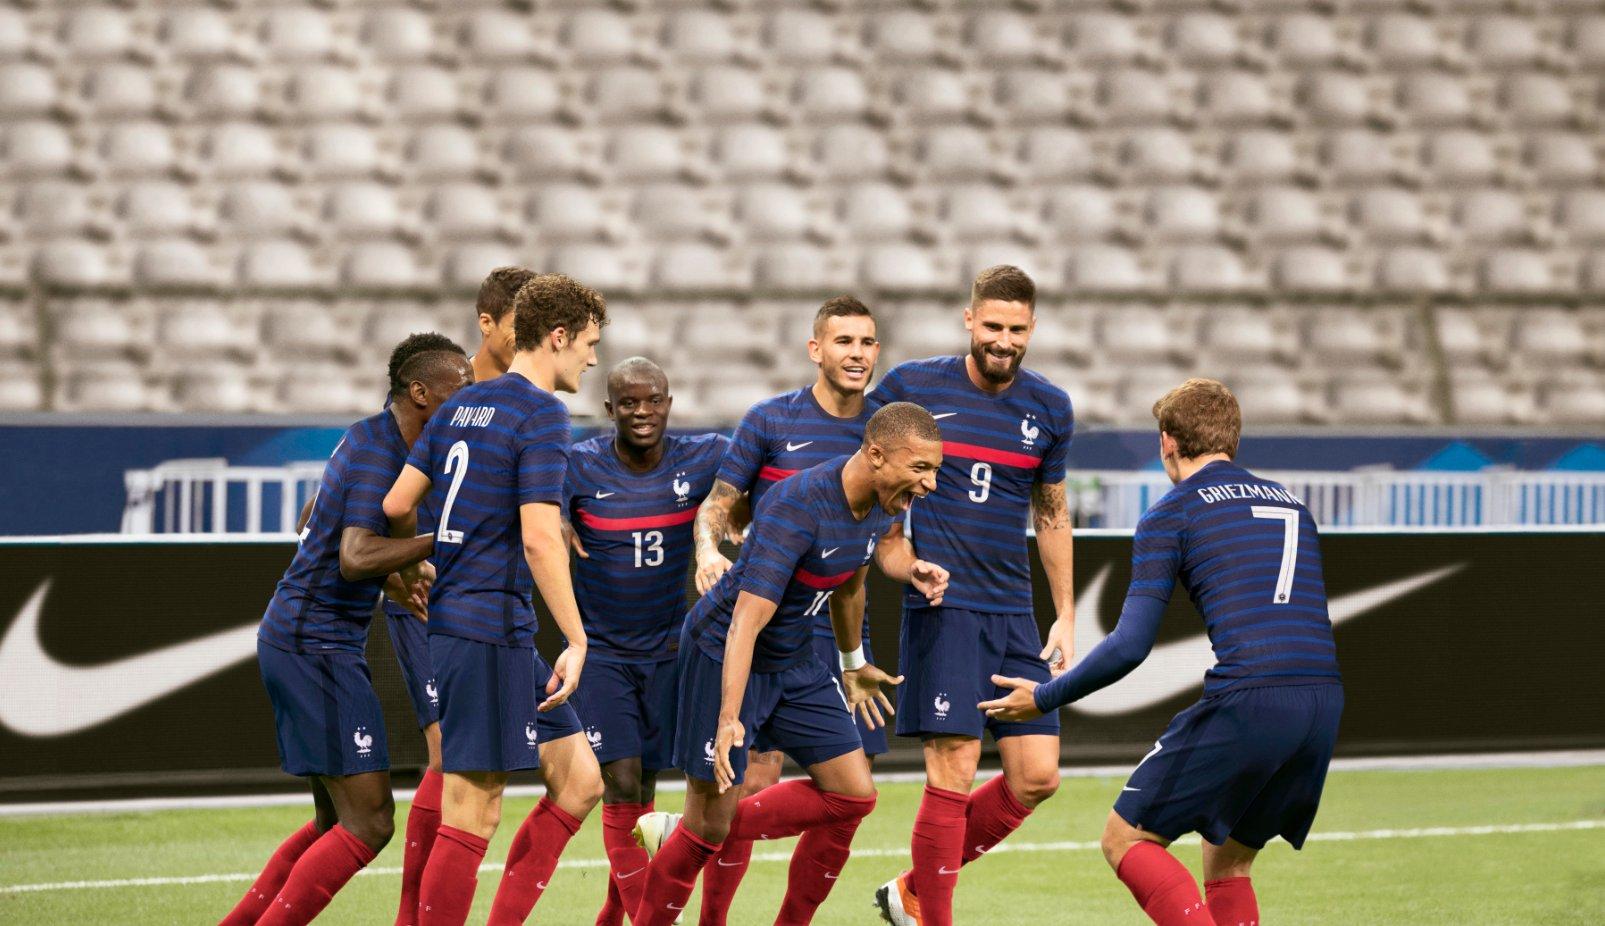 منتخب فرنسا بالقميص الجديد